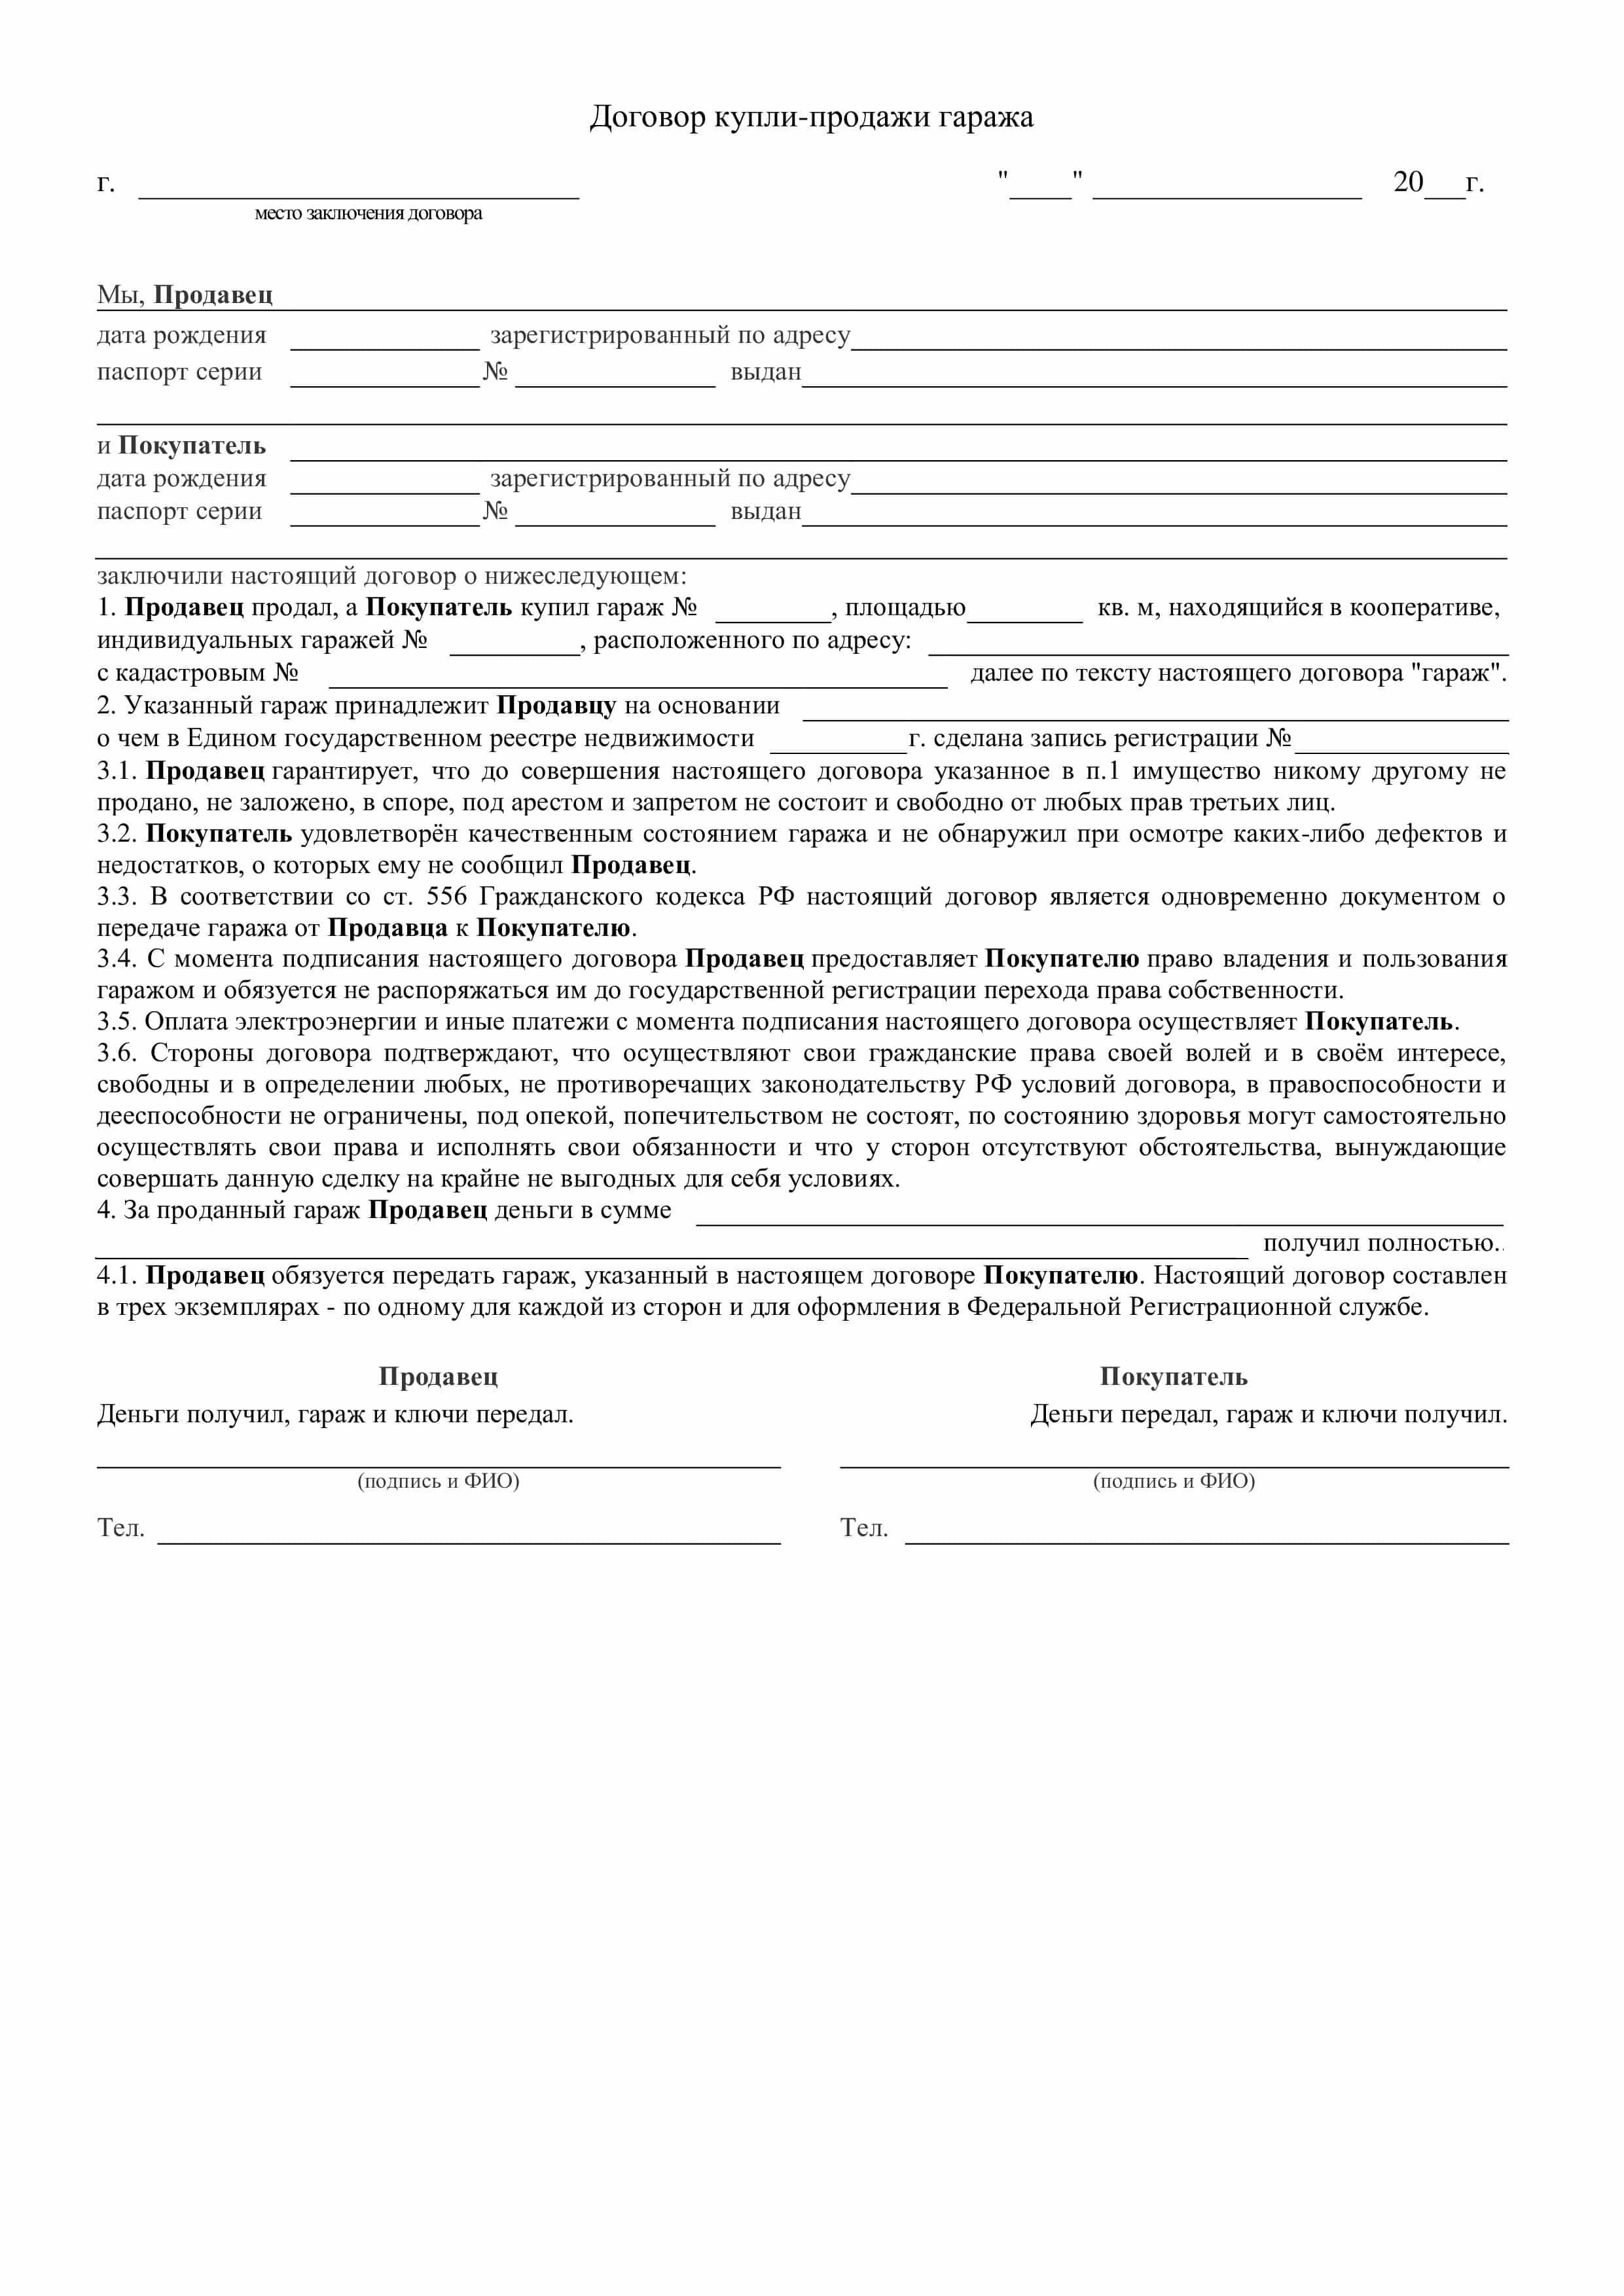 Документы для продажи гаража в 2020 году